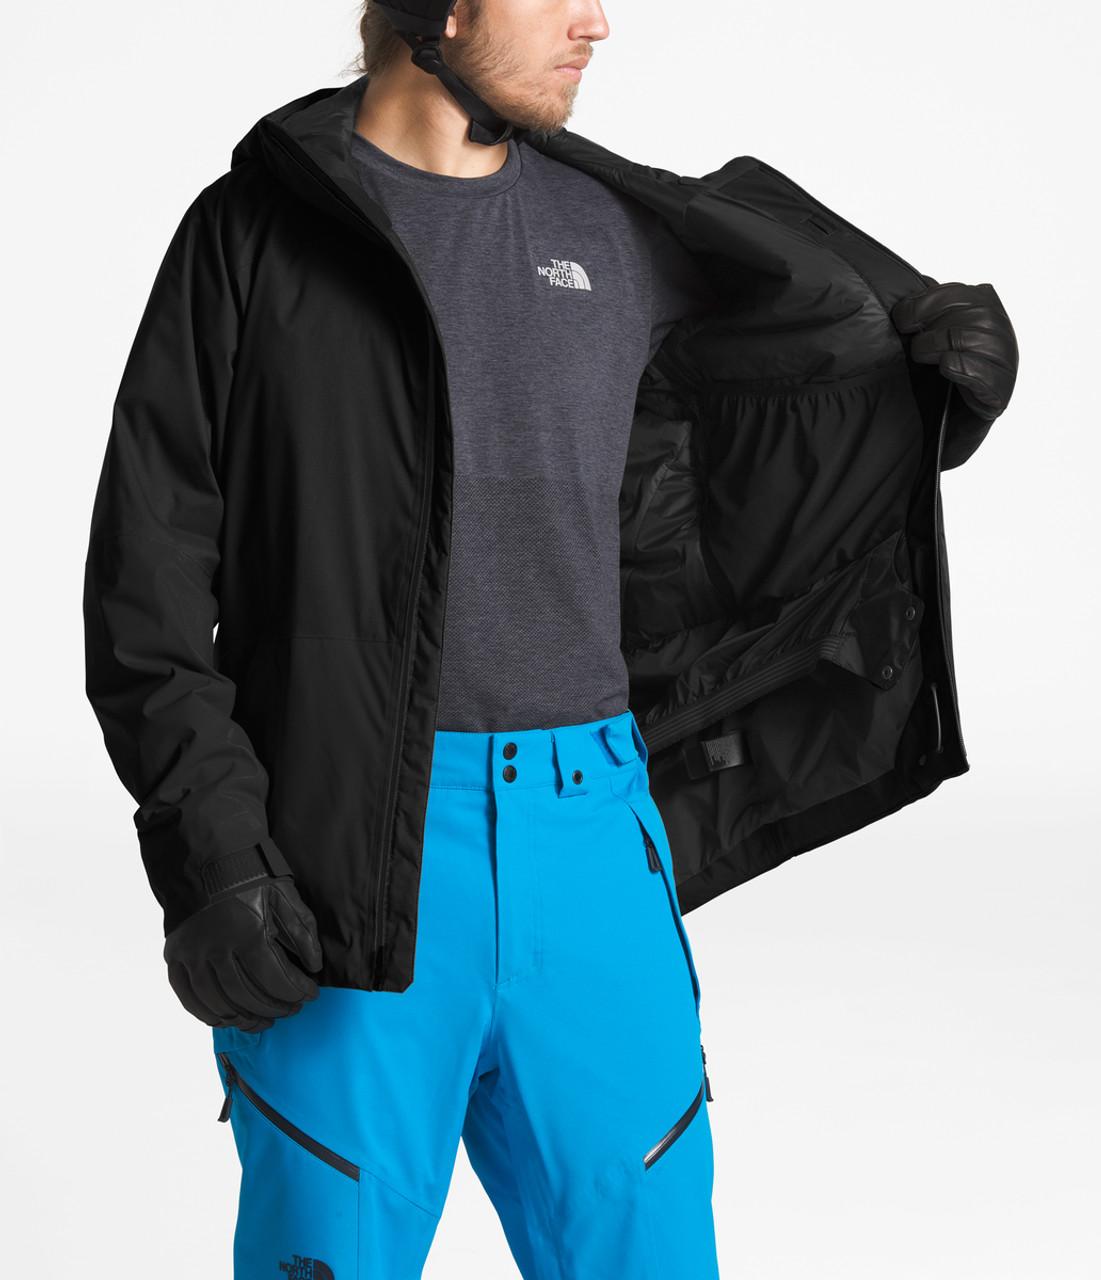 wholesale outlet buy huge inventory The North Face Sickline Ski Jacket   Men's